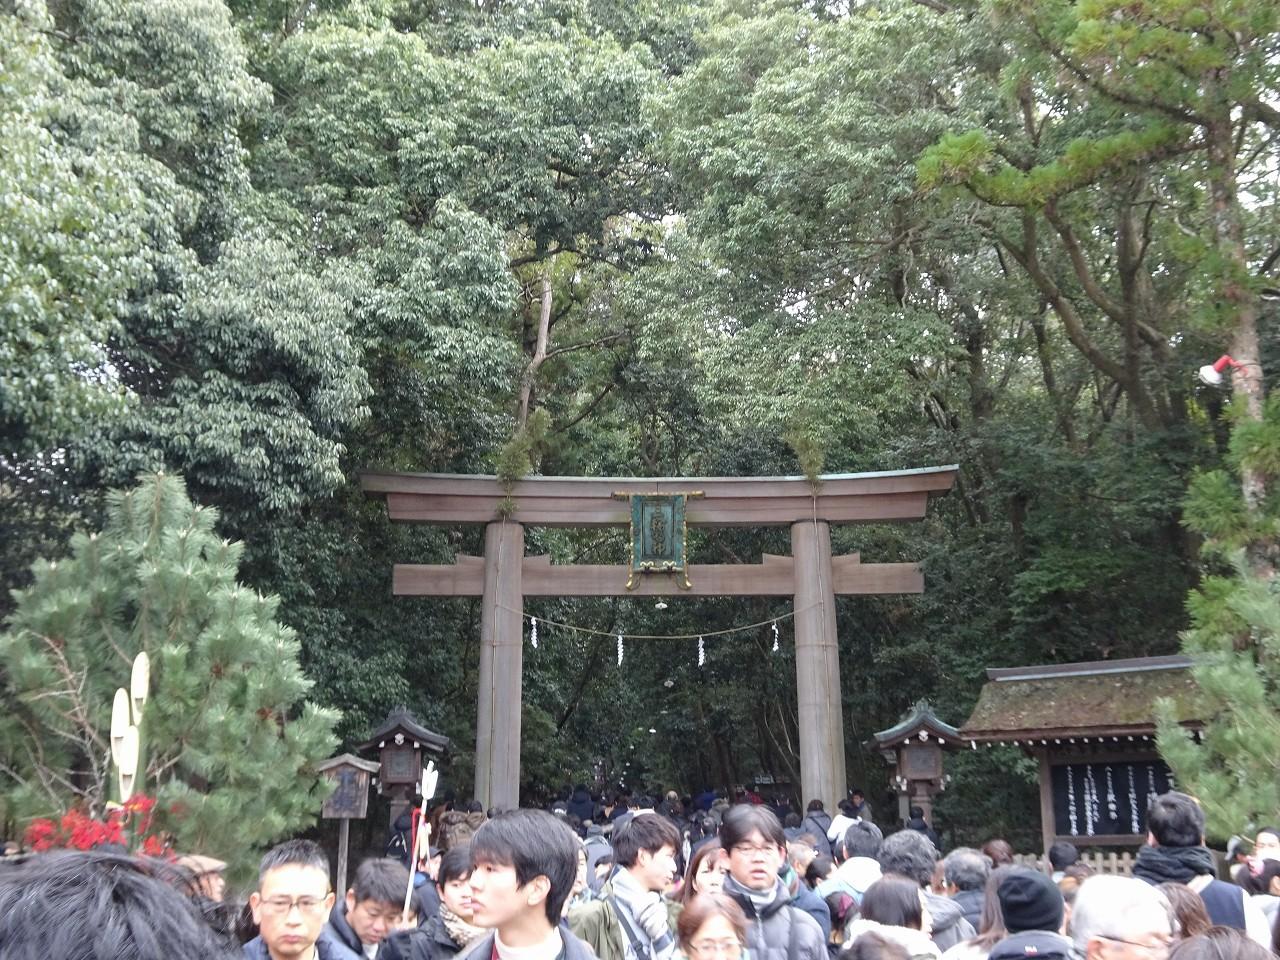 こだわりの桐箪笥の社長ブログ 初詣は大和国 一の宮 三輪明神 大神神社です。